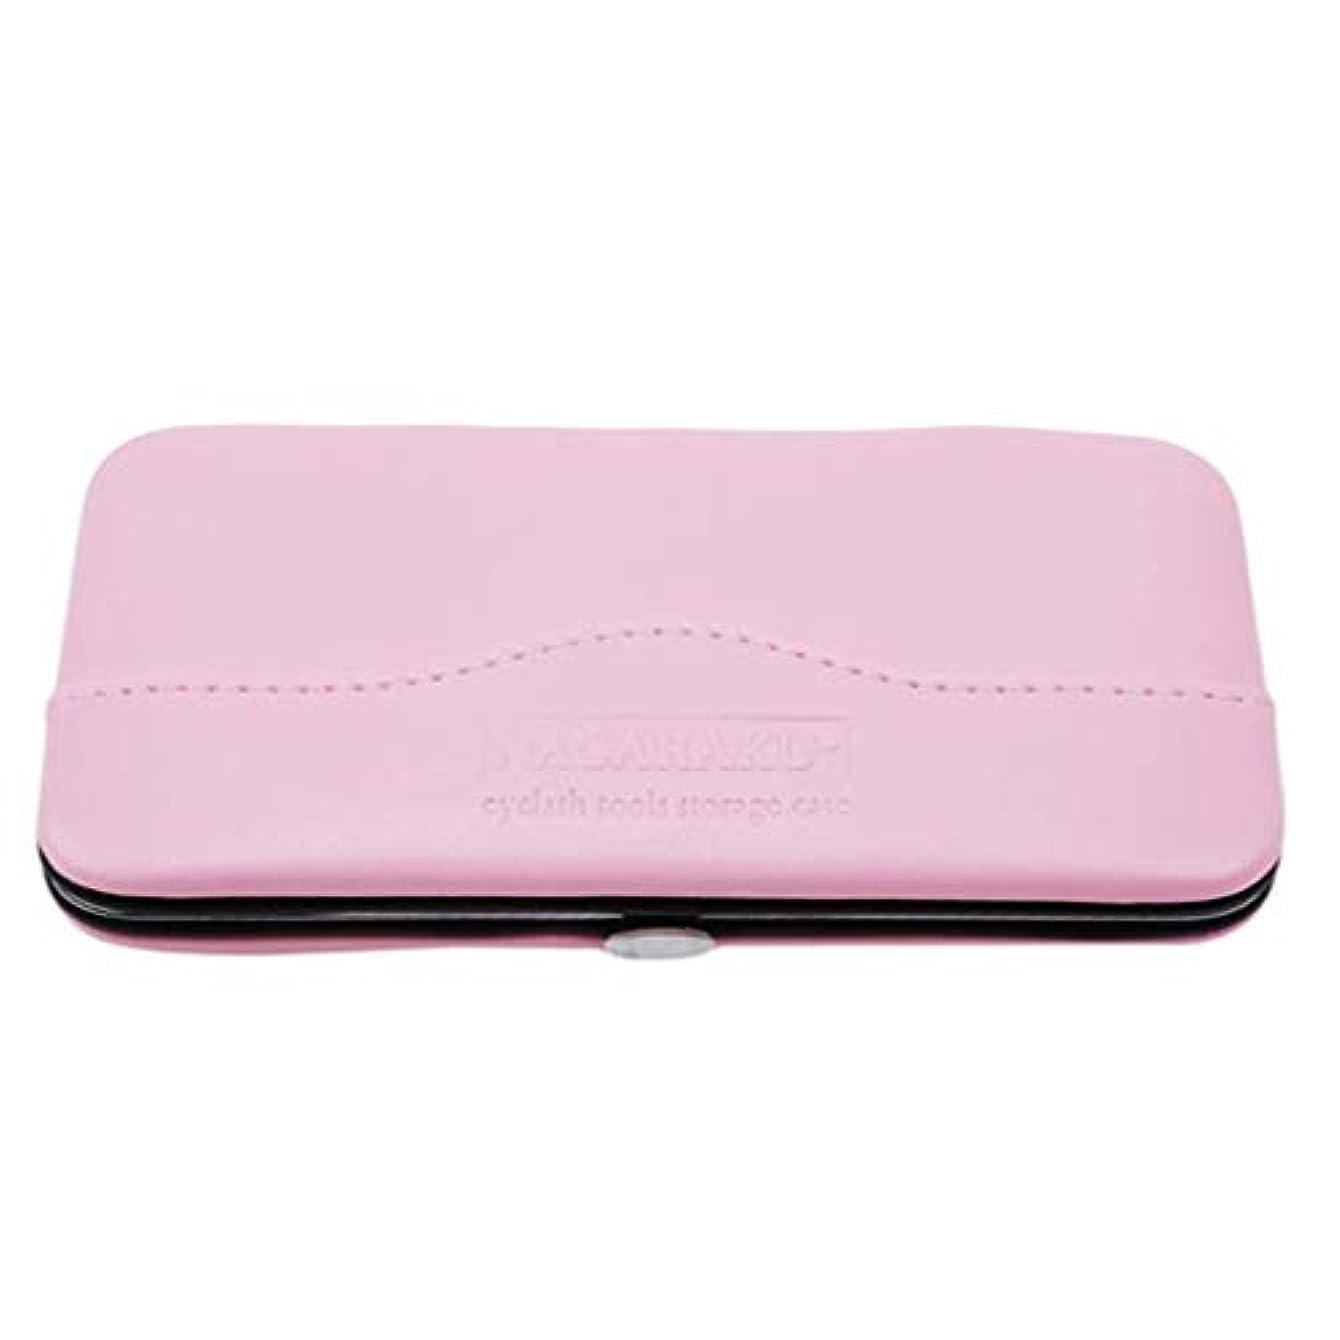 換気キャリア広告する1st market プレミアム品質1ピース化粧道具バッグ用まつげエクステンションピンセット収納ボックスケース